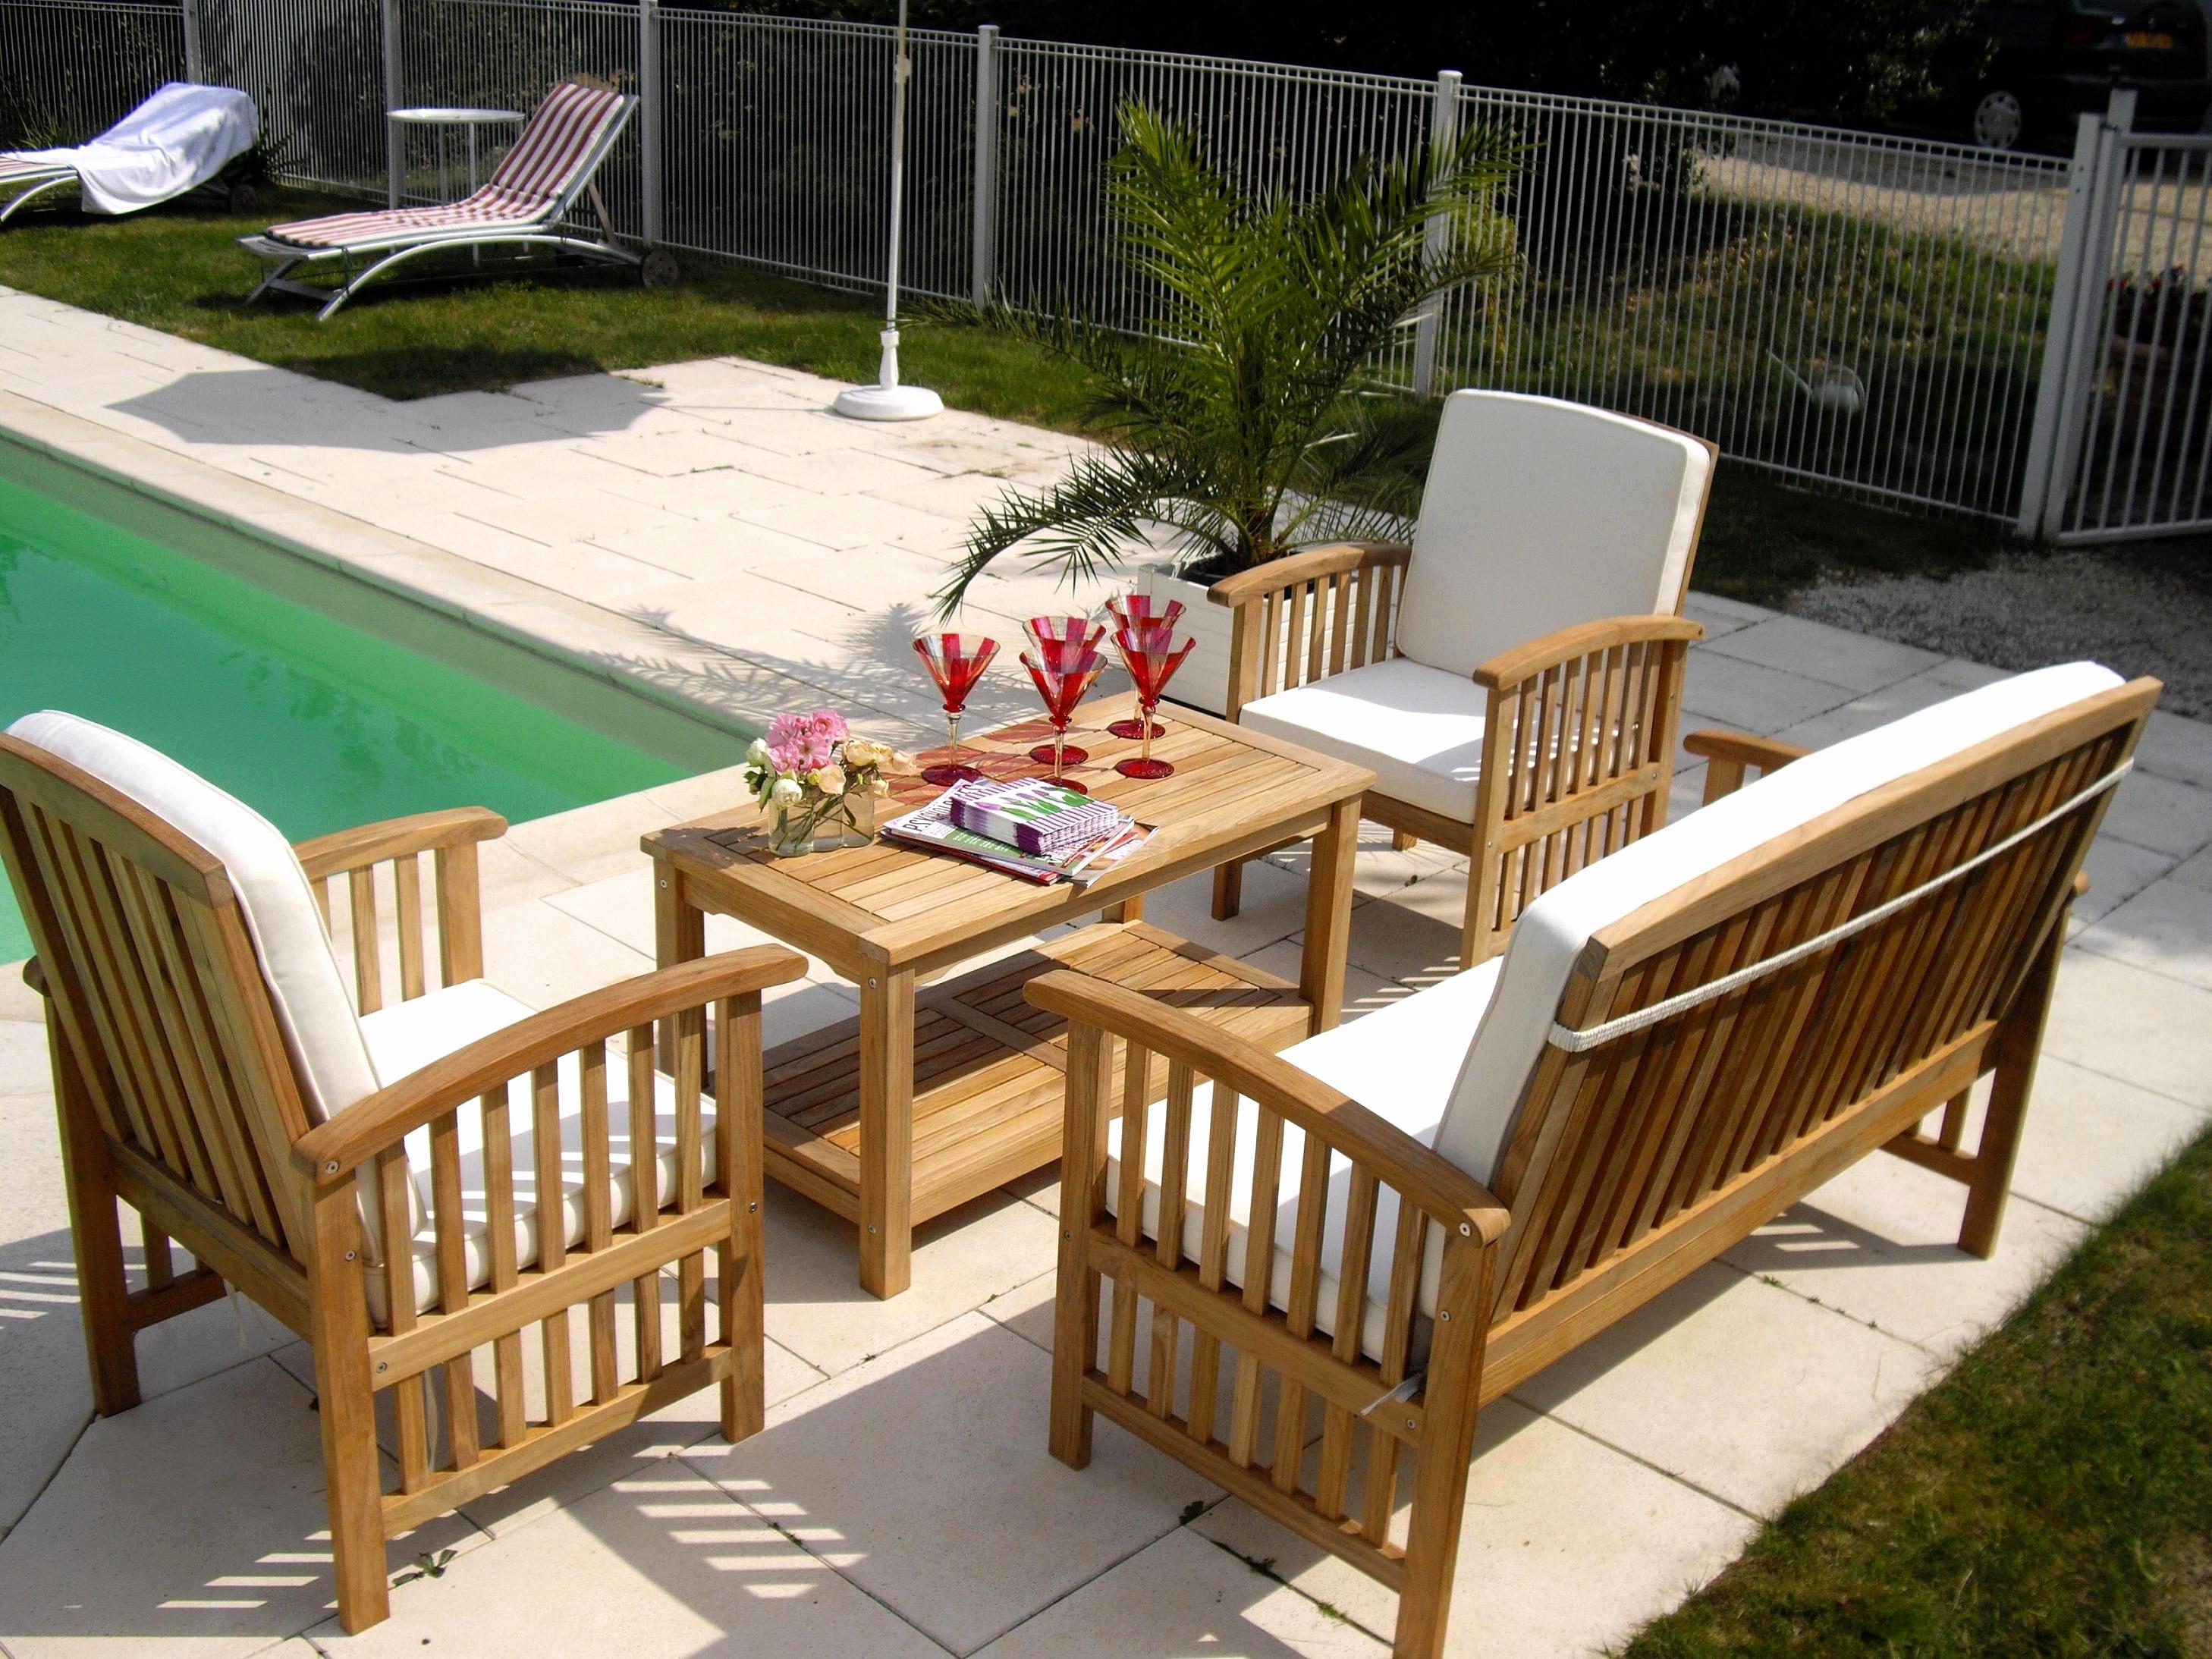 Salon jardin detente teck - Jardin piscine et Cabane